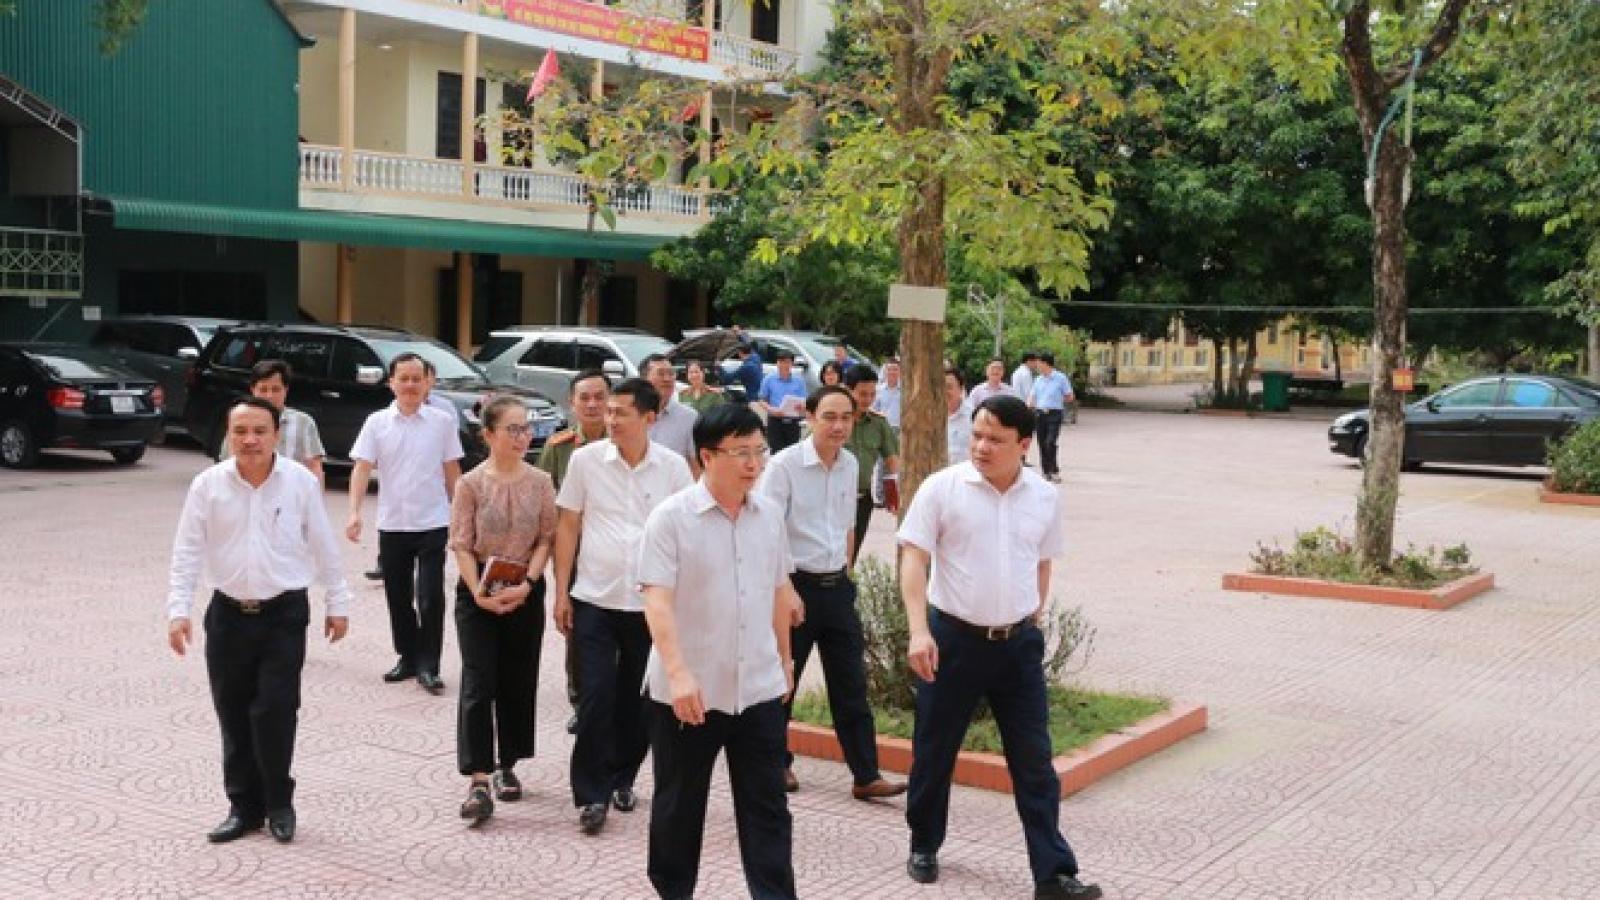 Nghệ An phát 150 nghìn khẩu trang cho thí sinh tham dự kỳ thi THPT